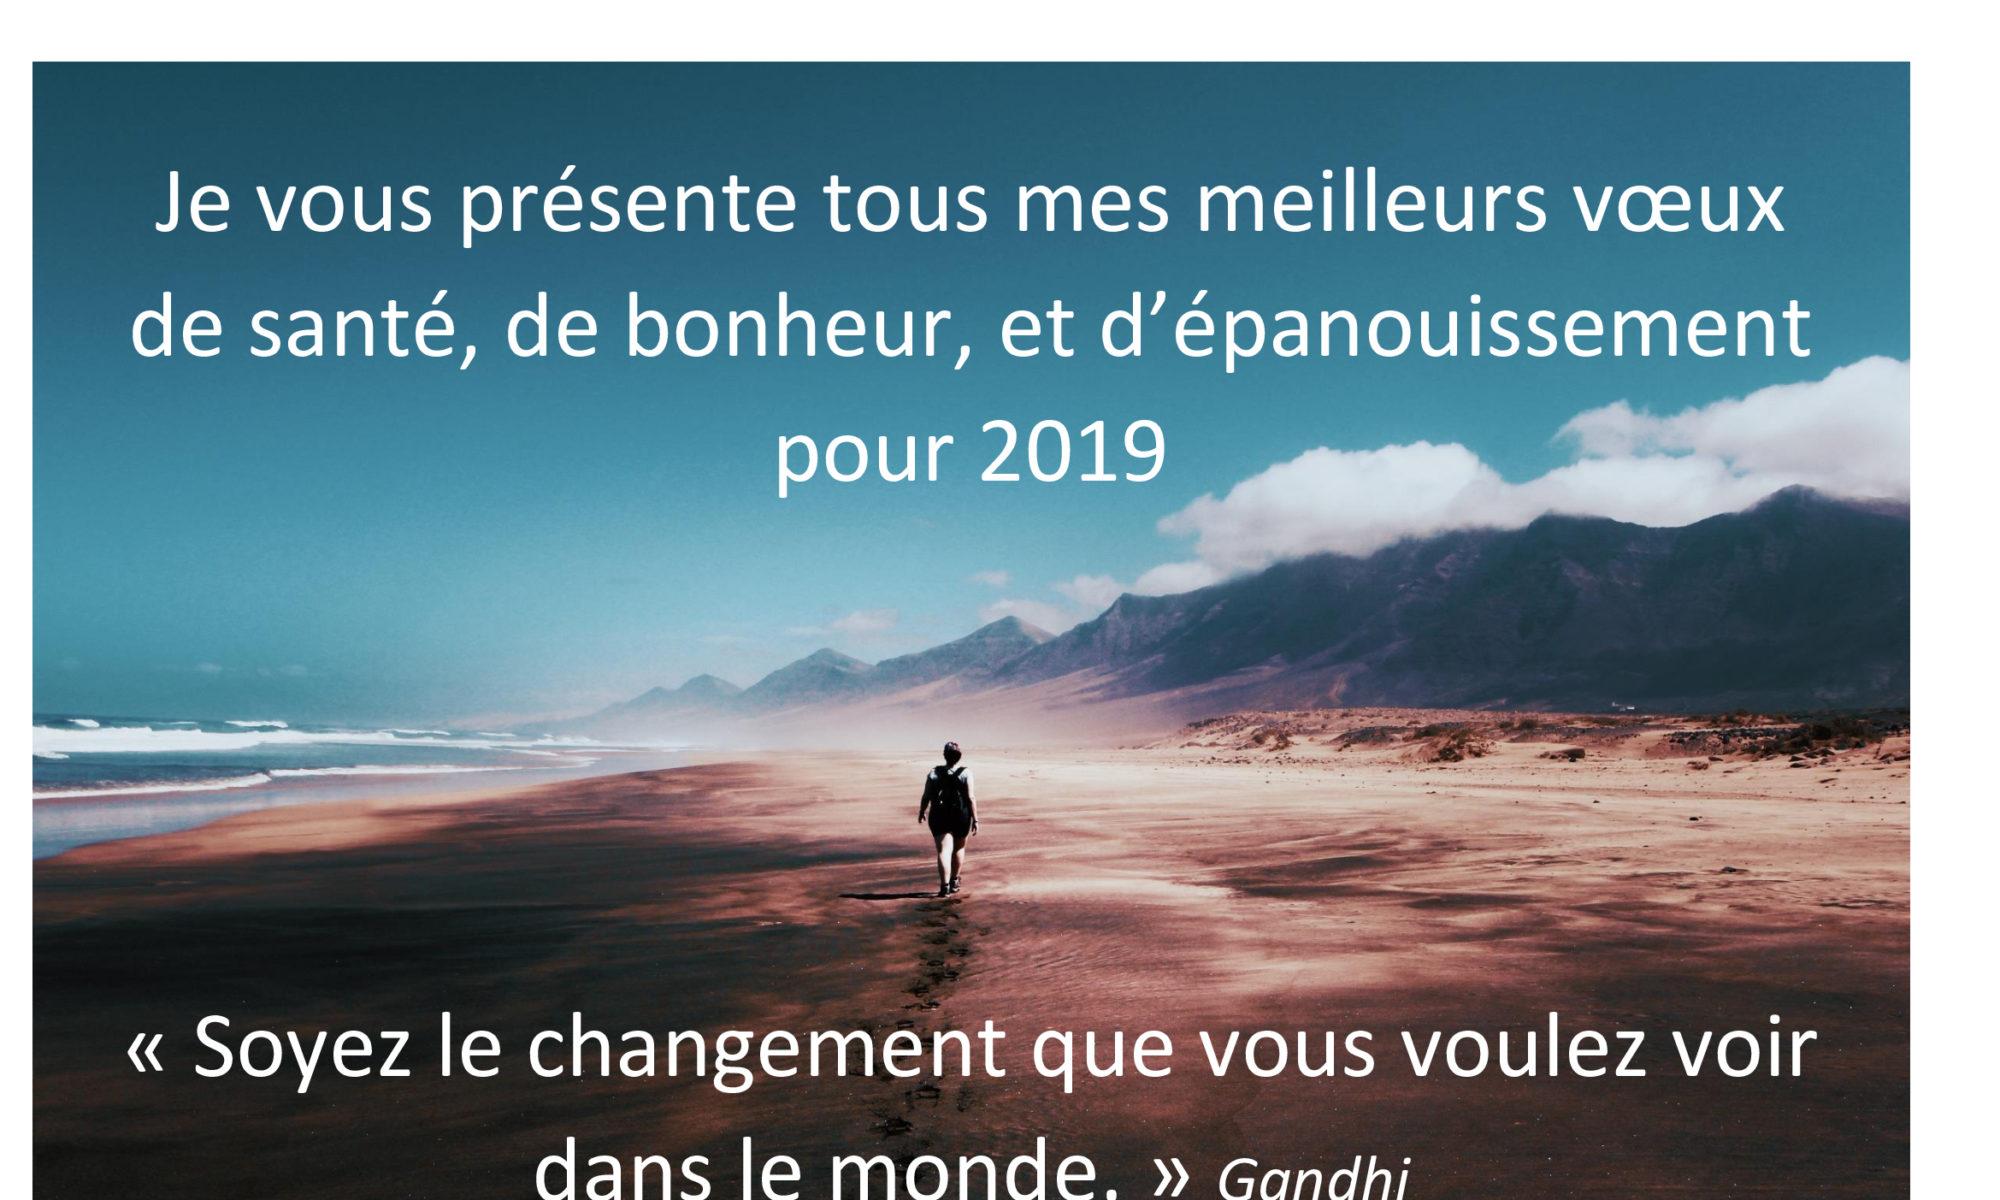 VOEUX 2019, soyez le changement que vous voulez voir dans le monde.